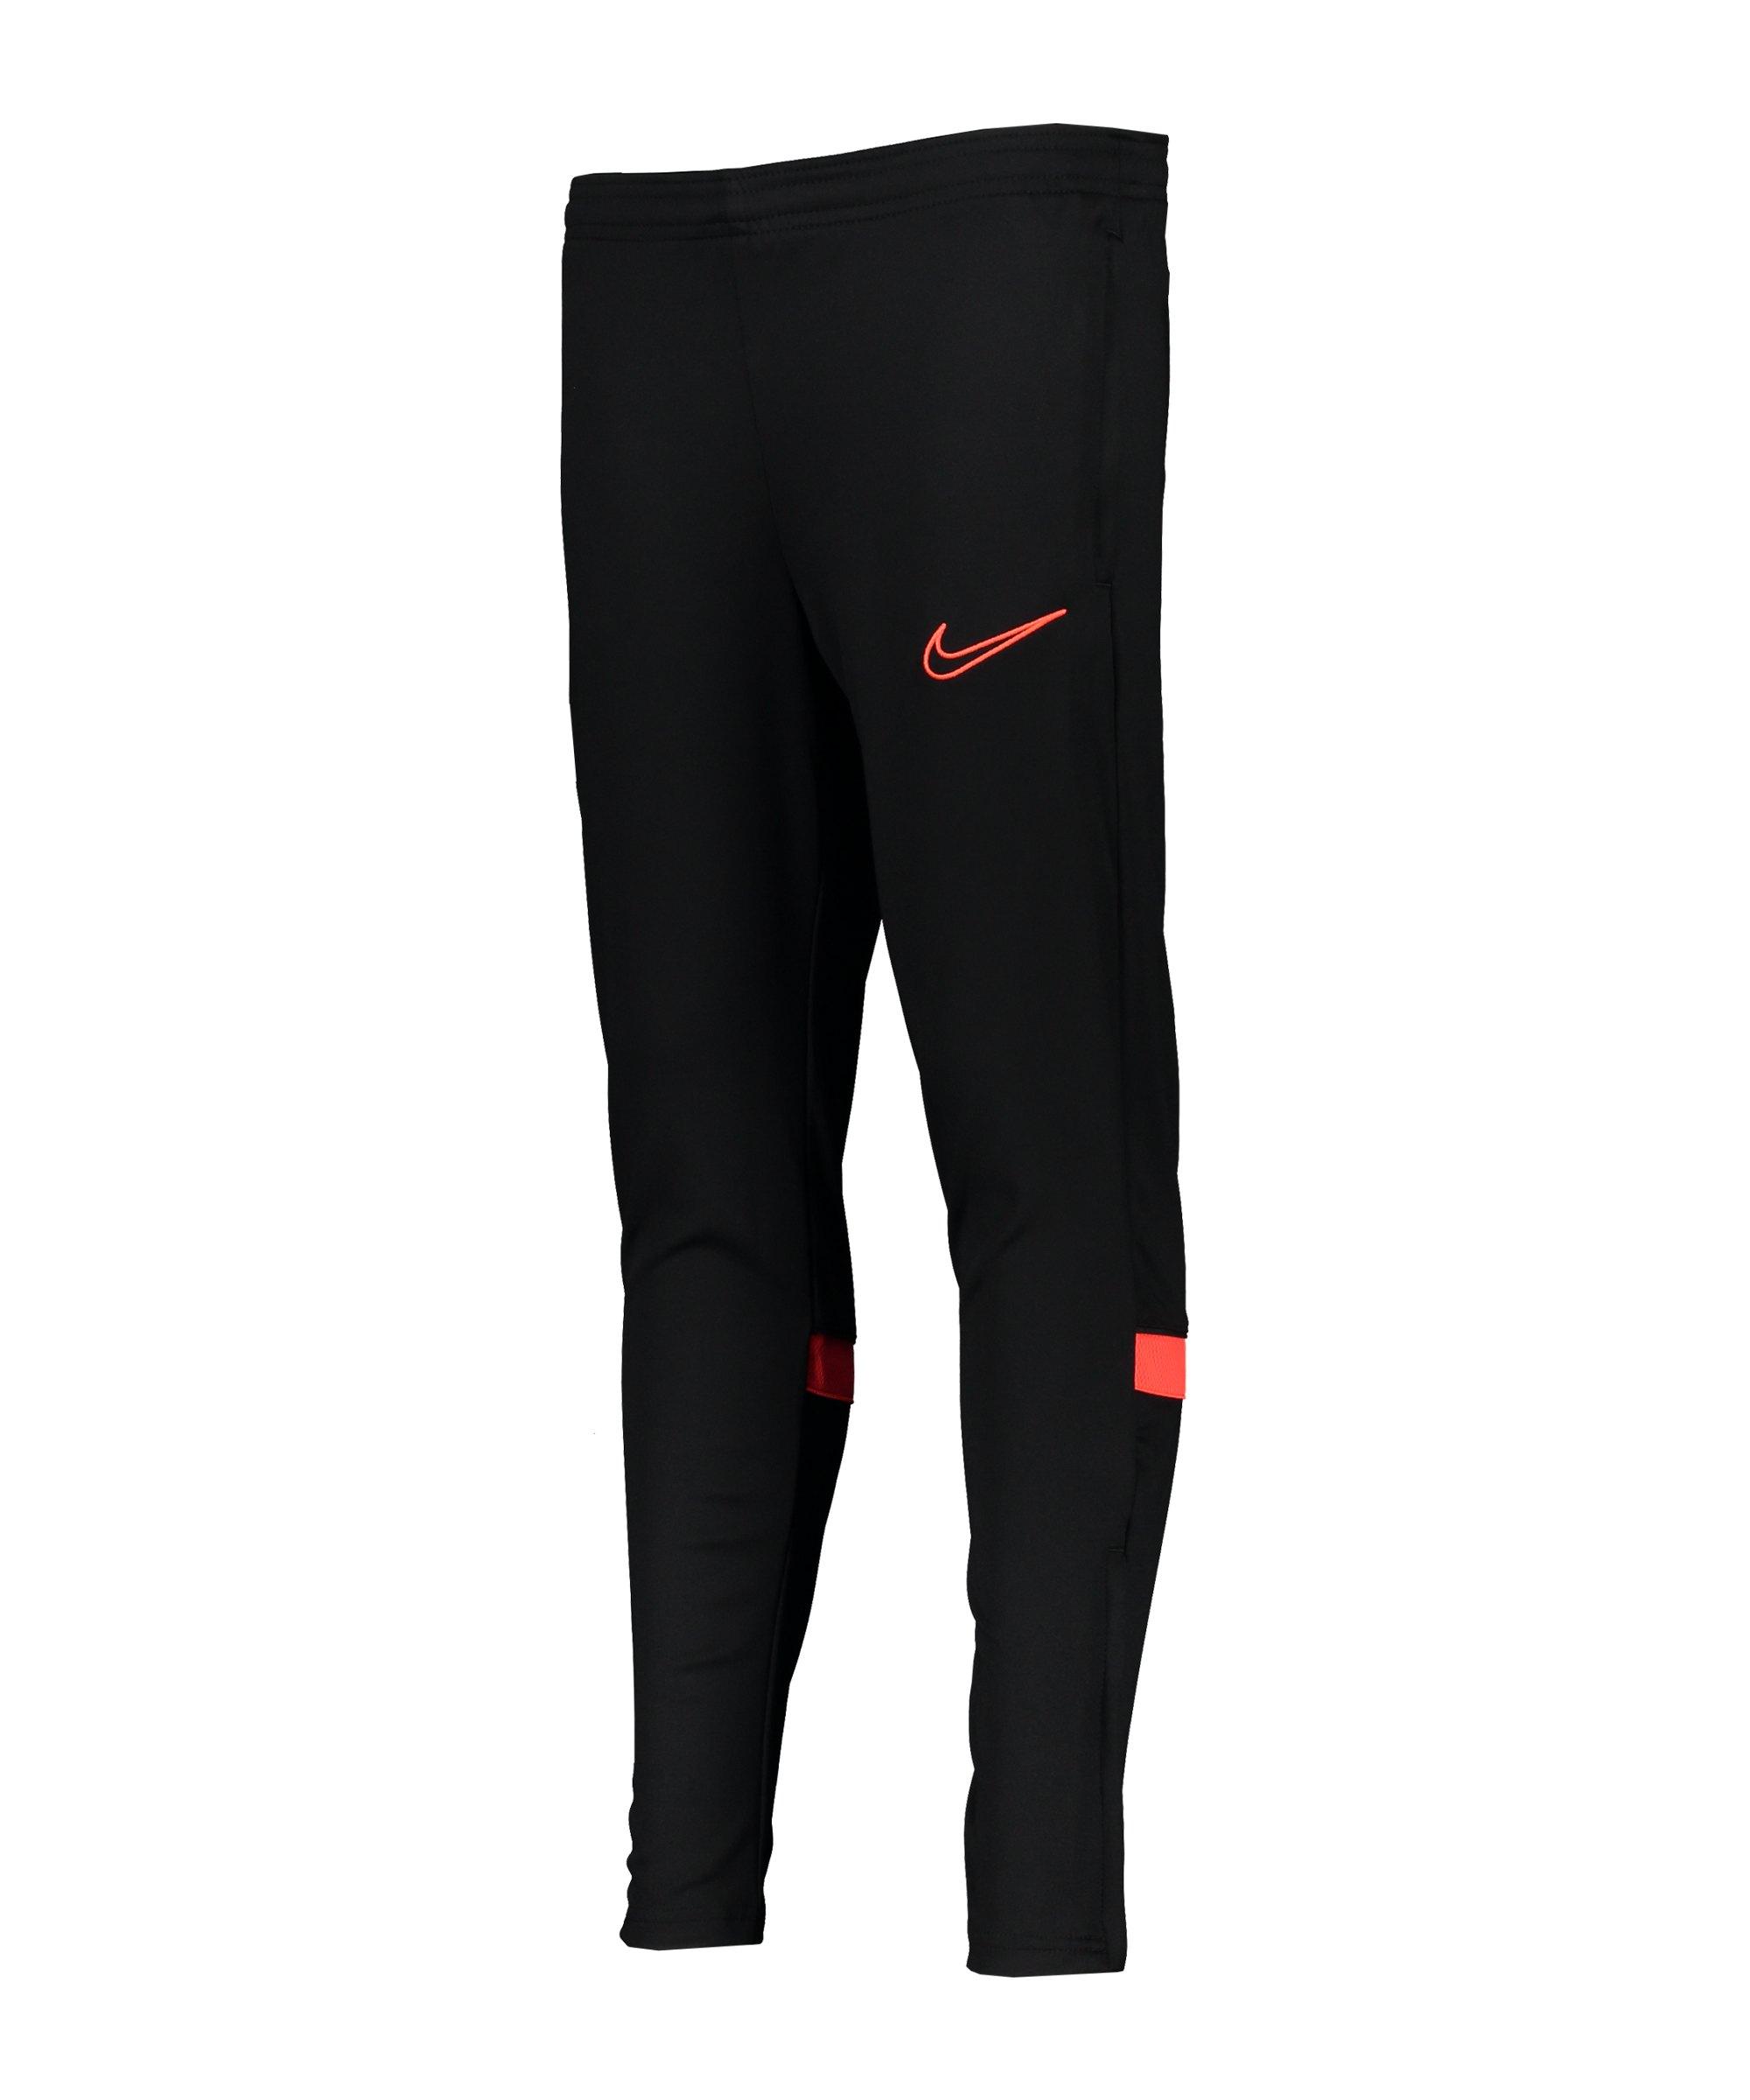 Nike Academy 21 Trainingshose Kids Schwarz F016 - schwarz